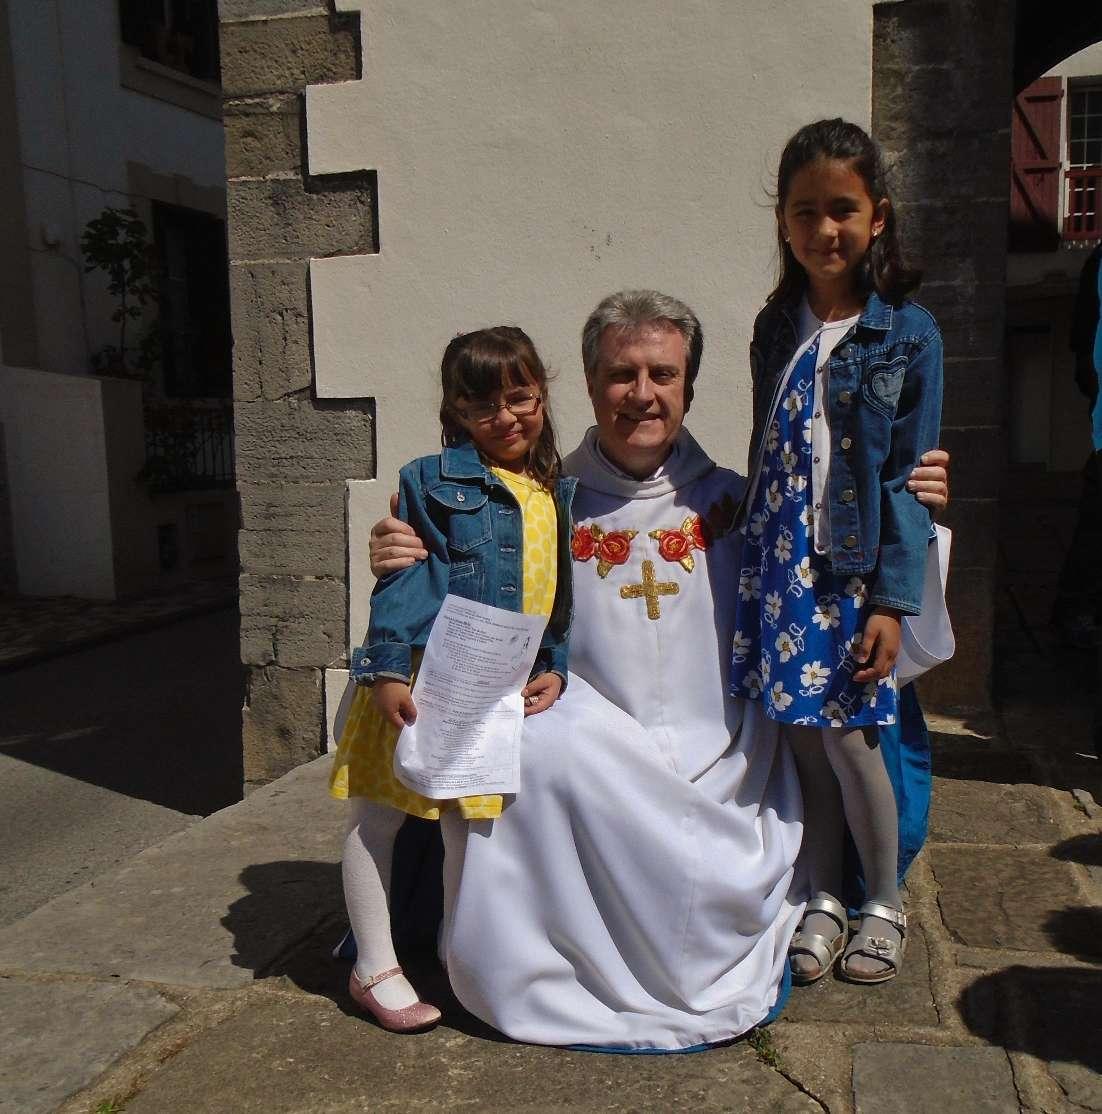 ... de même pour la très sérieuse Léa envers Angela, sa petite soeur, aussi à l'aise avec l'abbé Jean-Marc qu'avec ses copains et copines !